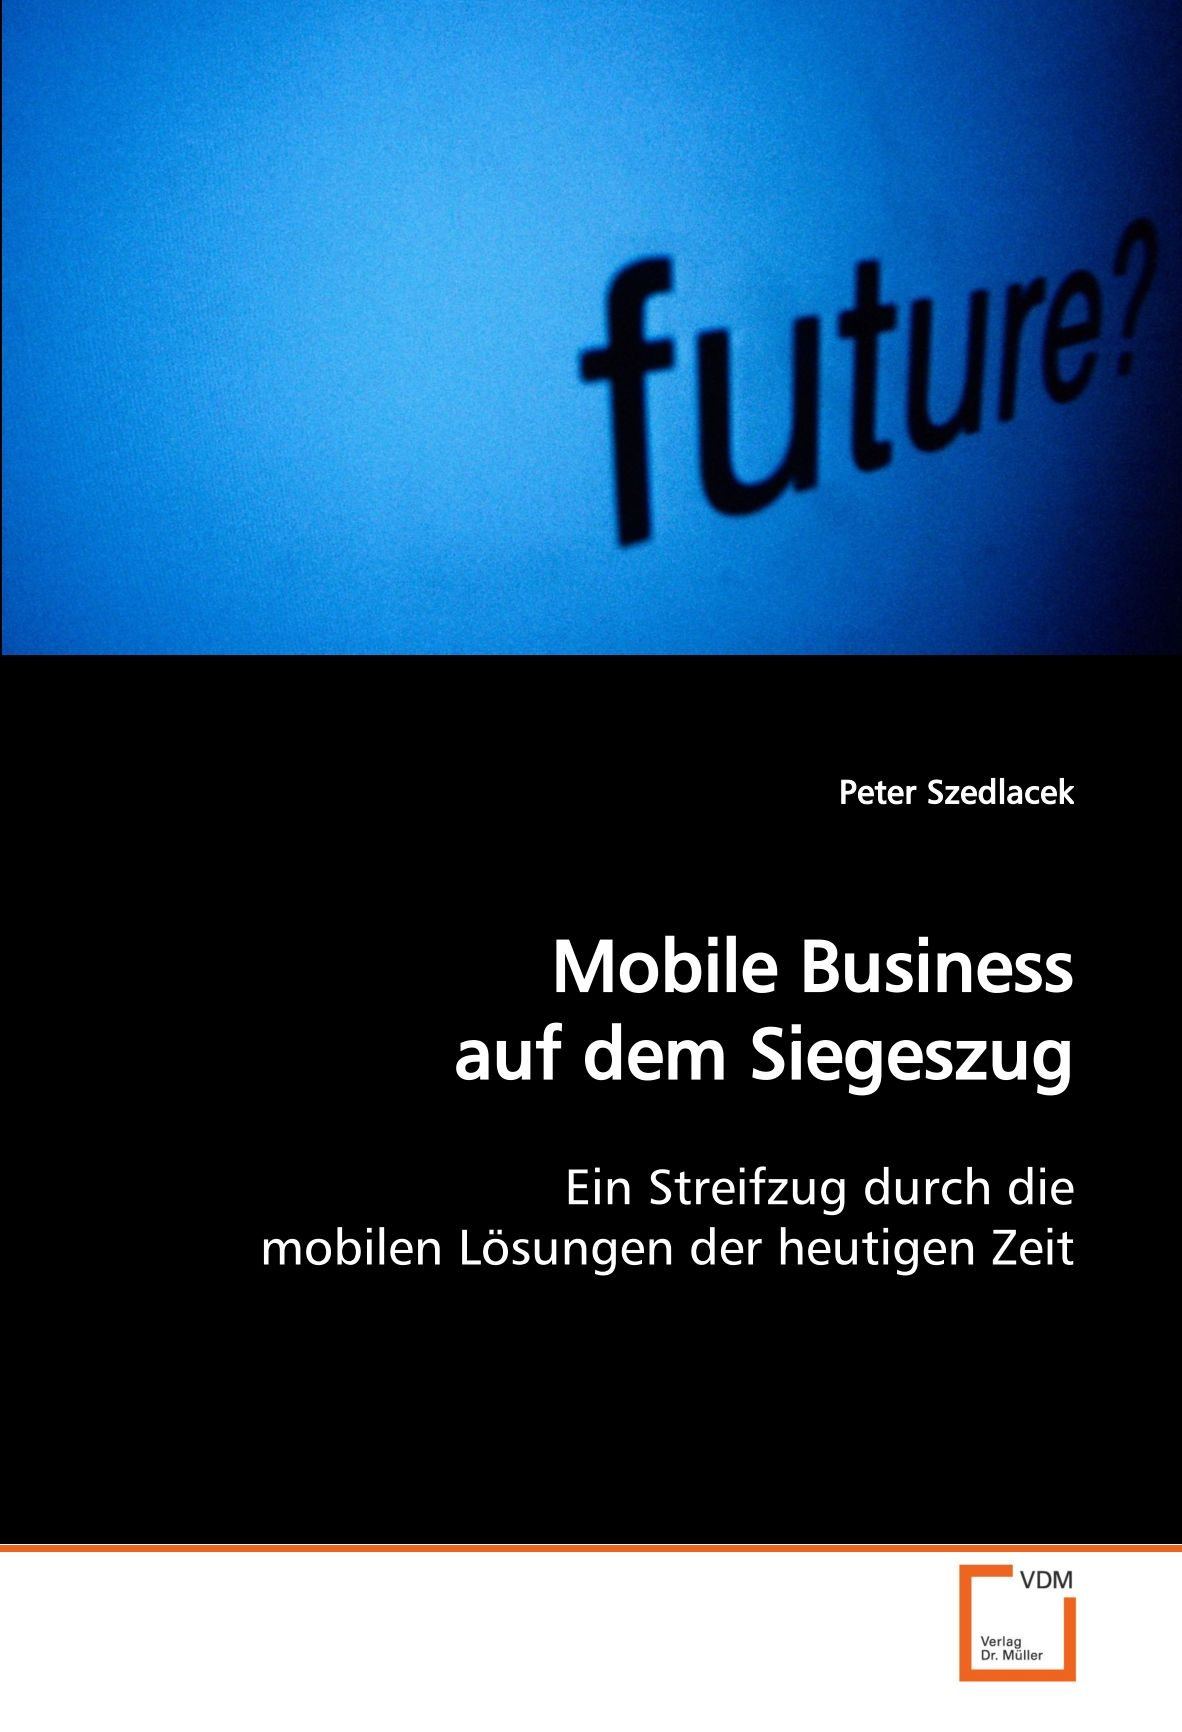 Mobile Business auf dem Siegeszug: Ein Streifzug durch die mobilen Lösungen der heutigen Zeit Taschenbuch – 15. März 2009 Peter Szedlacek VDM Verlag 3639134737 Datennetze